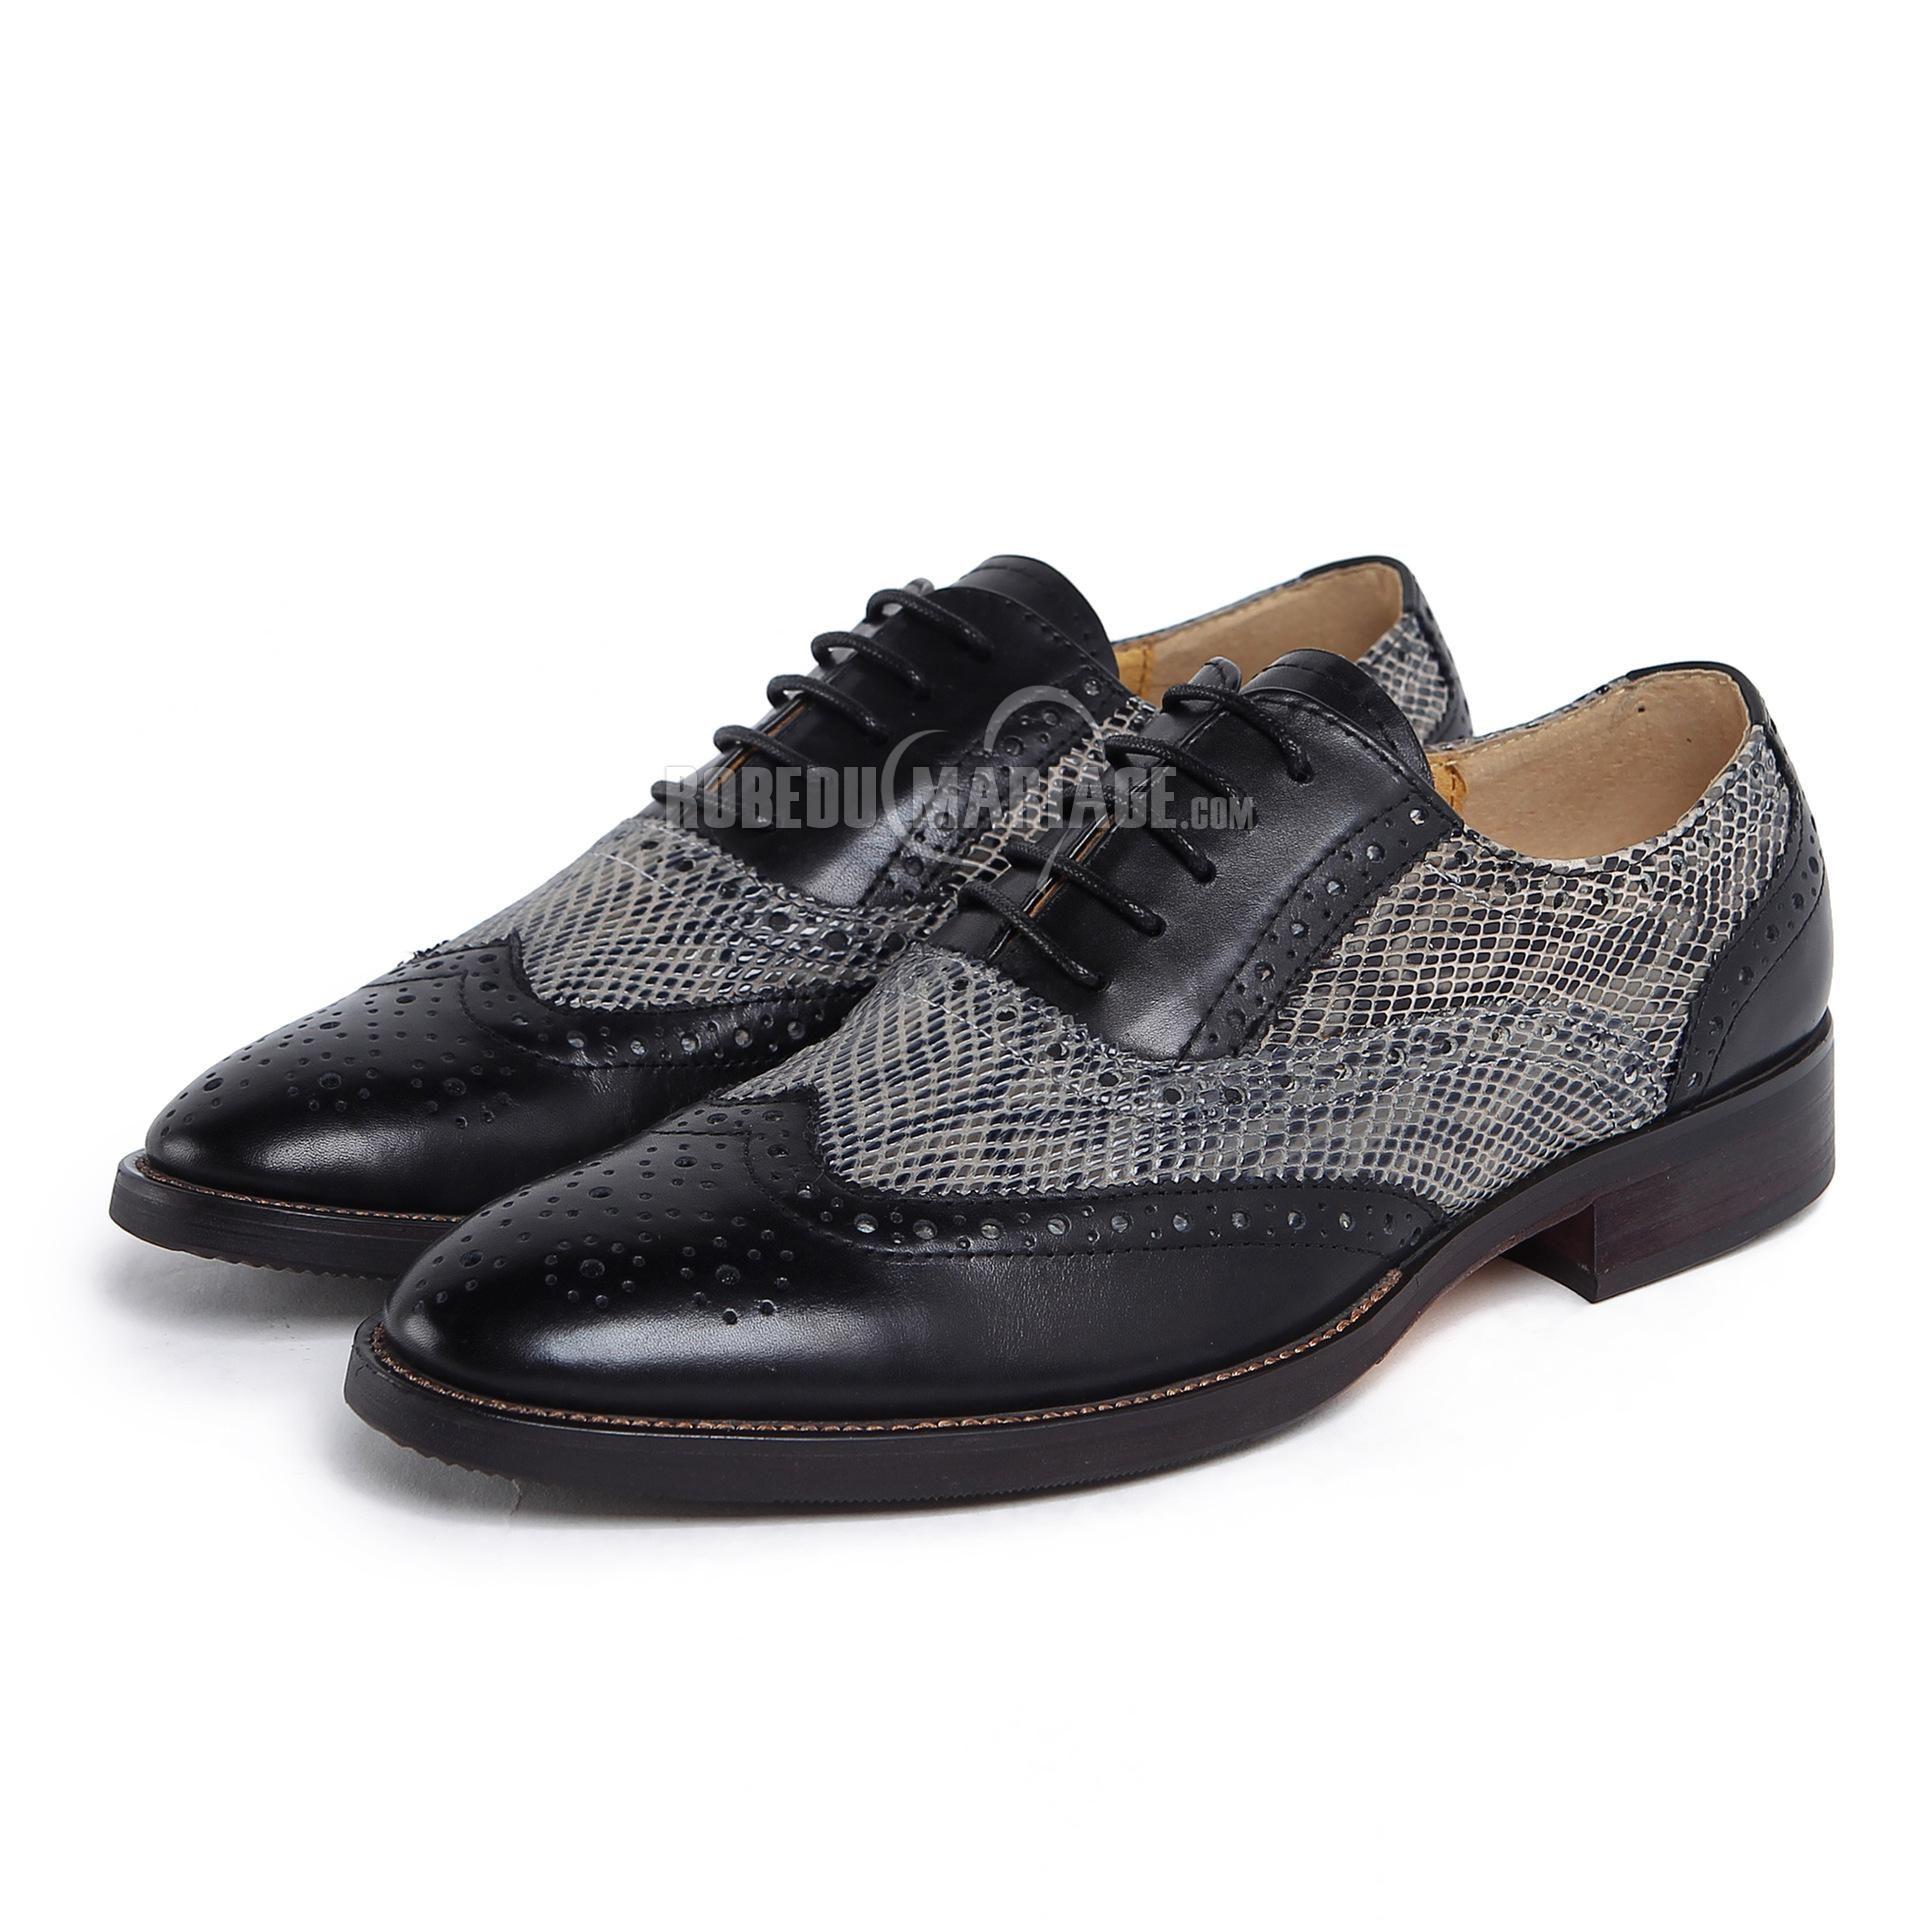 prix le plus bas 53fae f84d8 Chunky talon chaussures homme pas cher en ciur [#ROBE209157 ...